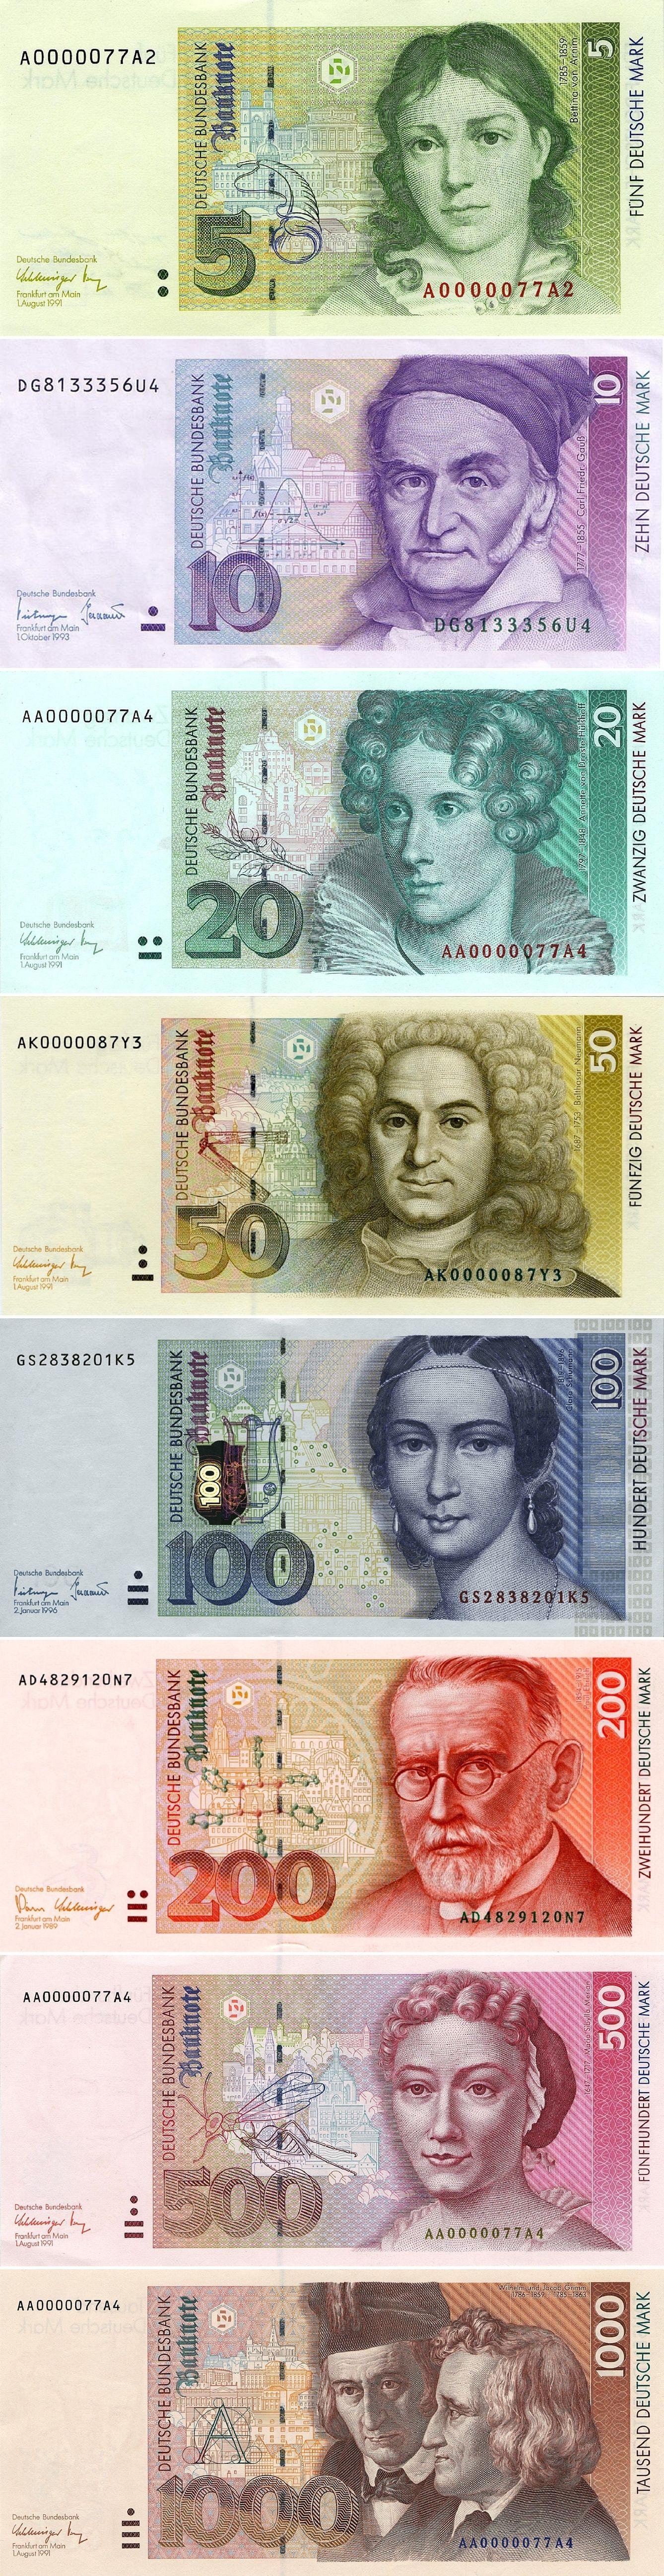 Die wunderschöne Deutsche Mark ! Das waren noch Zeiten I